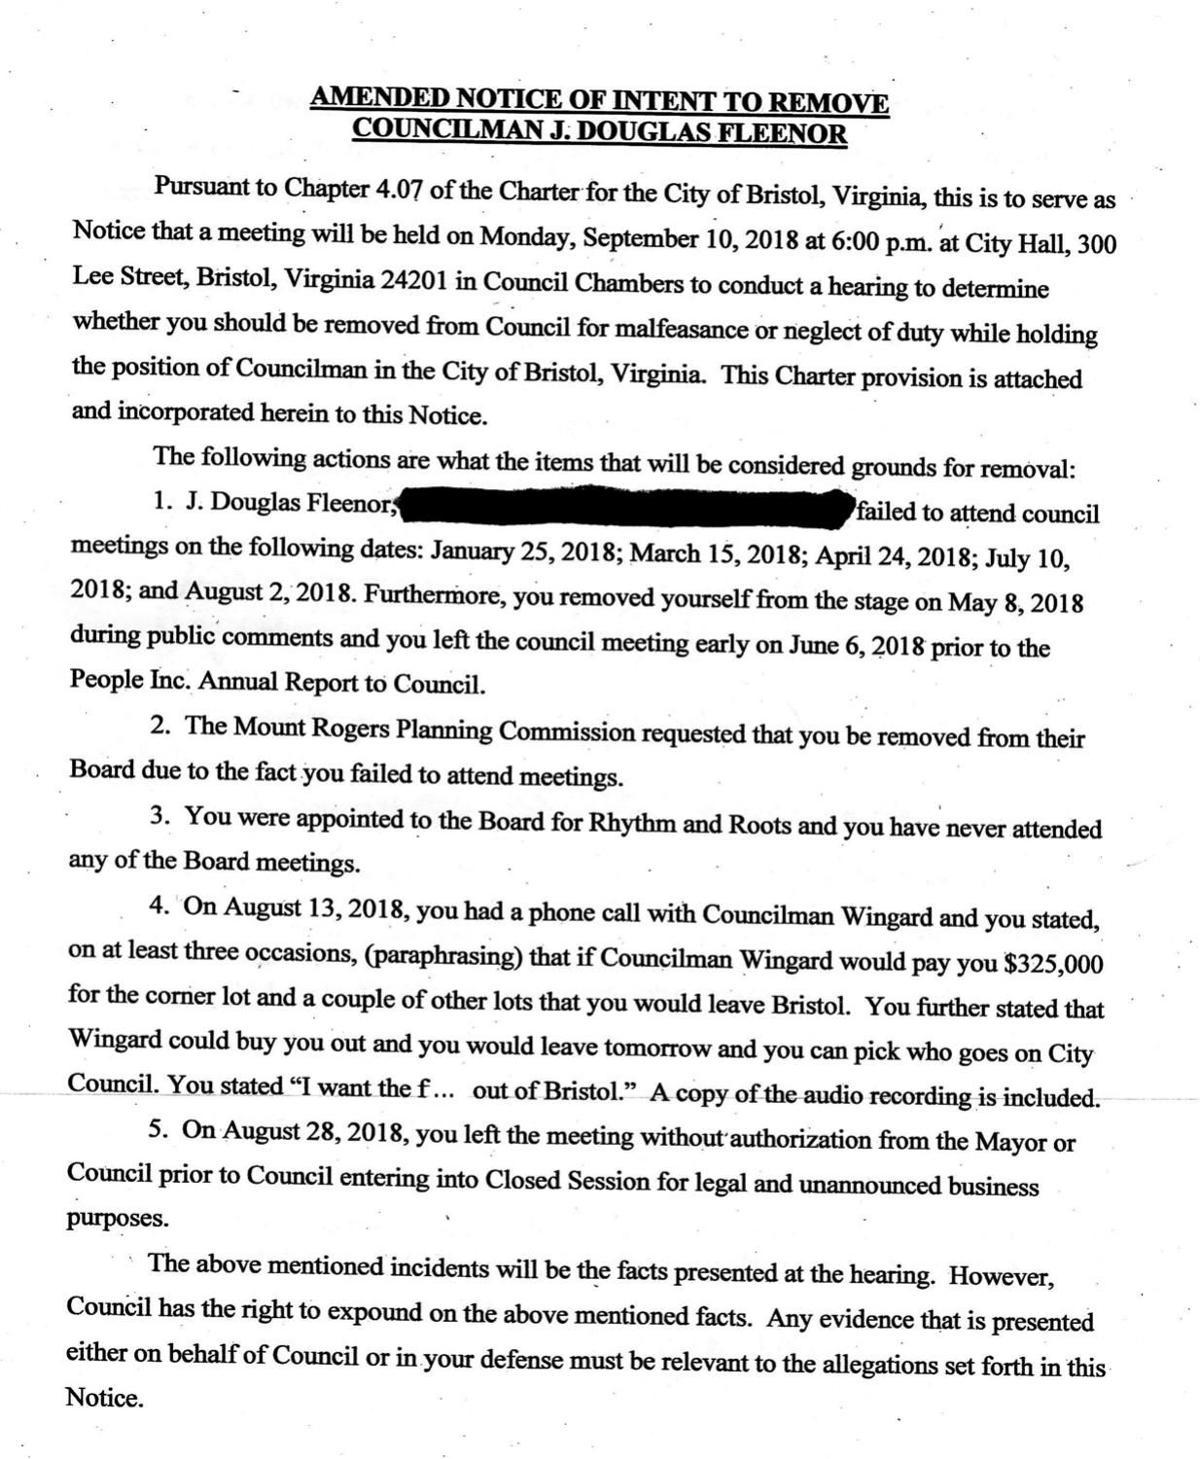 Doug Fleenor.pdf | | heraldcourier.com